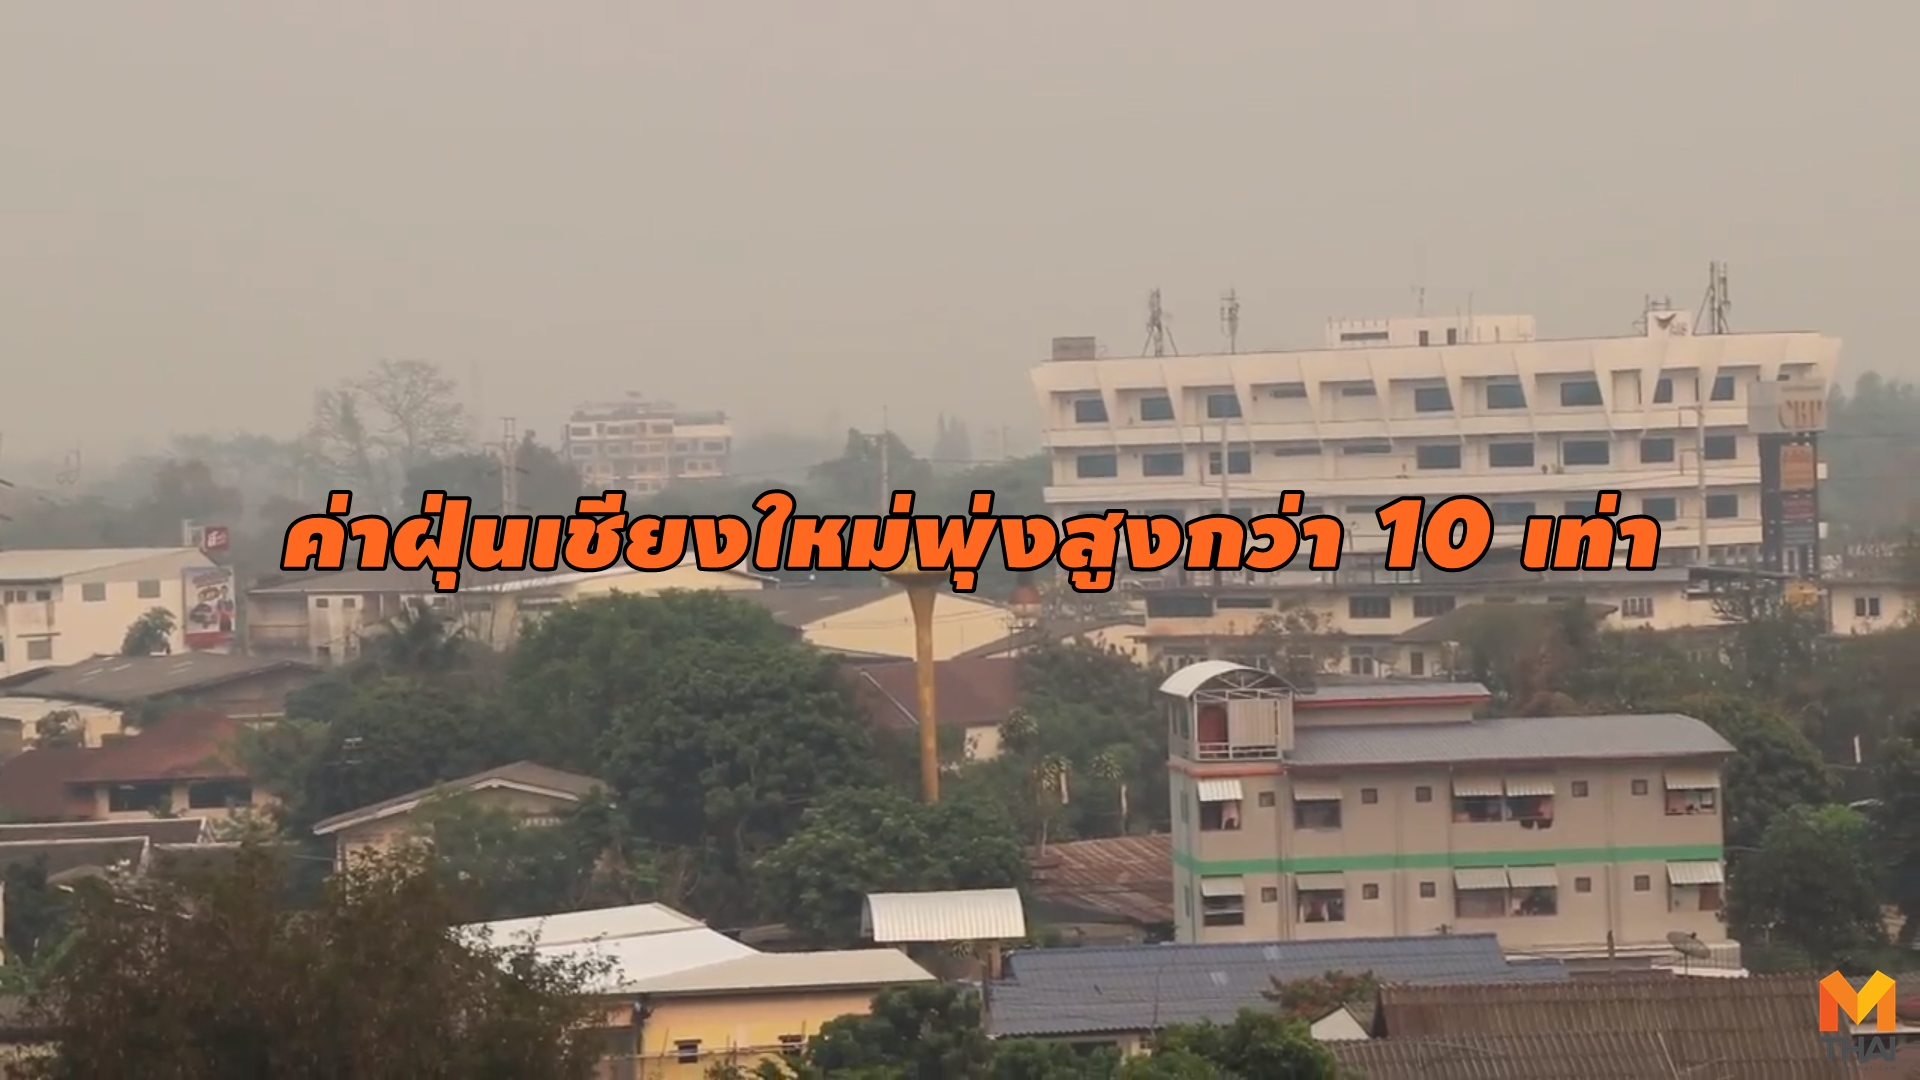 PM 2.5 ข่าวภูมิภาค ฝุ่นละออง ฝุ่นเชียงใหม่